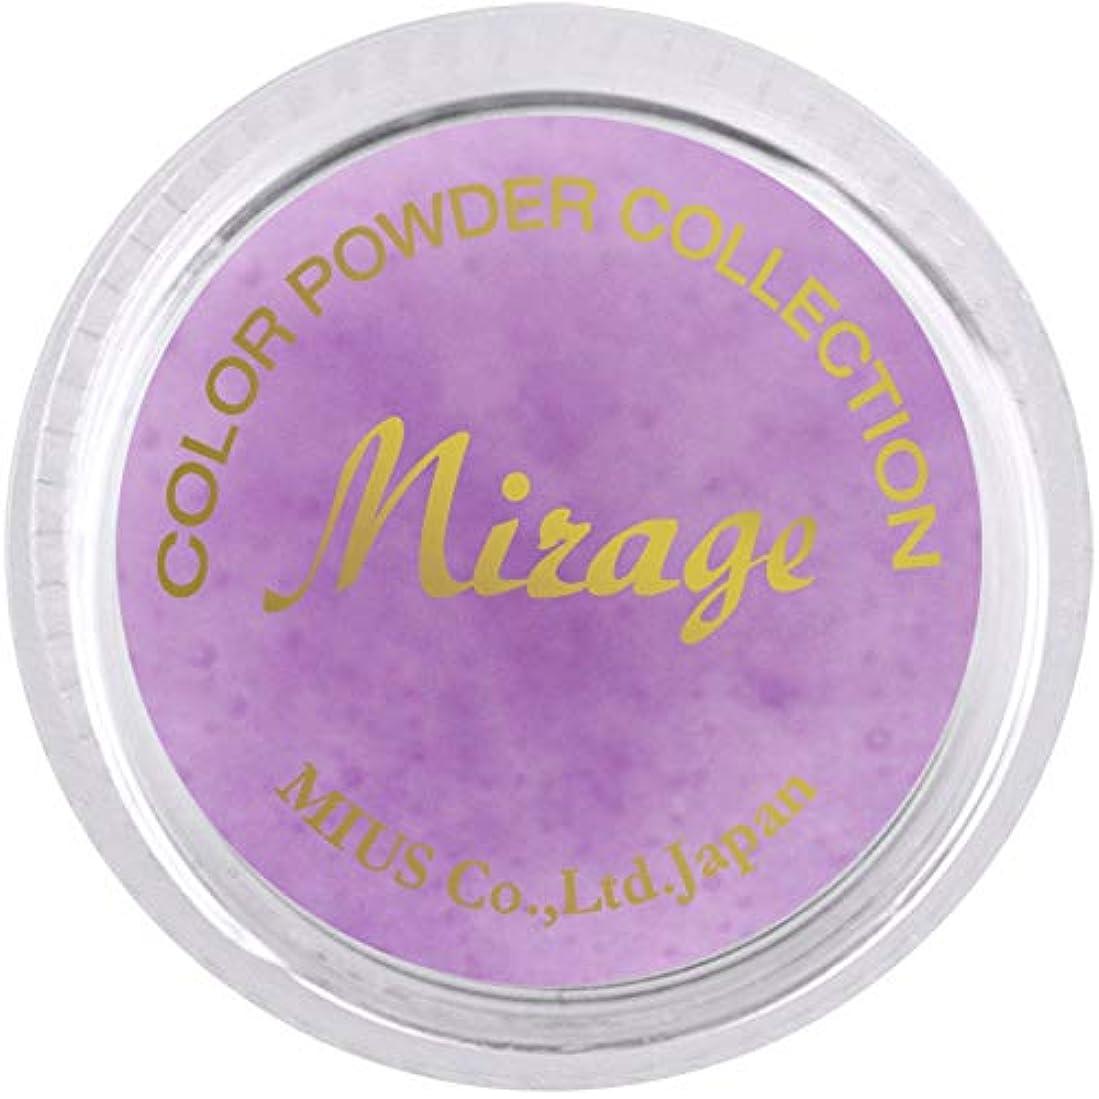 提供する憂鬱広げるMirage(ミラージュ) Mirage カラーパウダー7g N/JFL-5